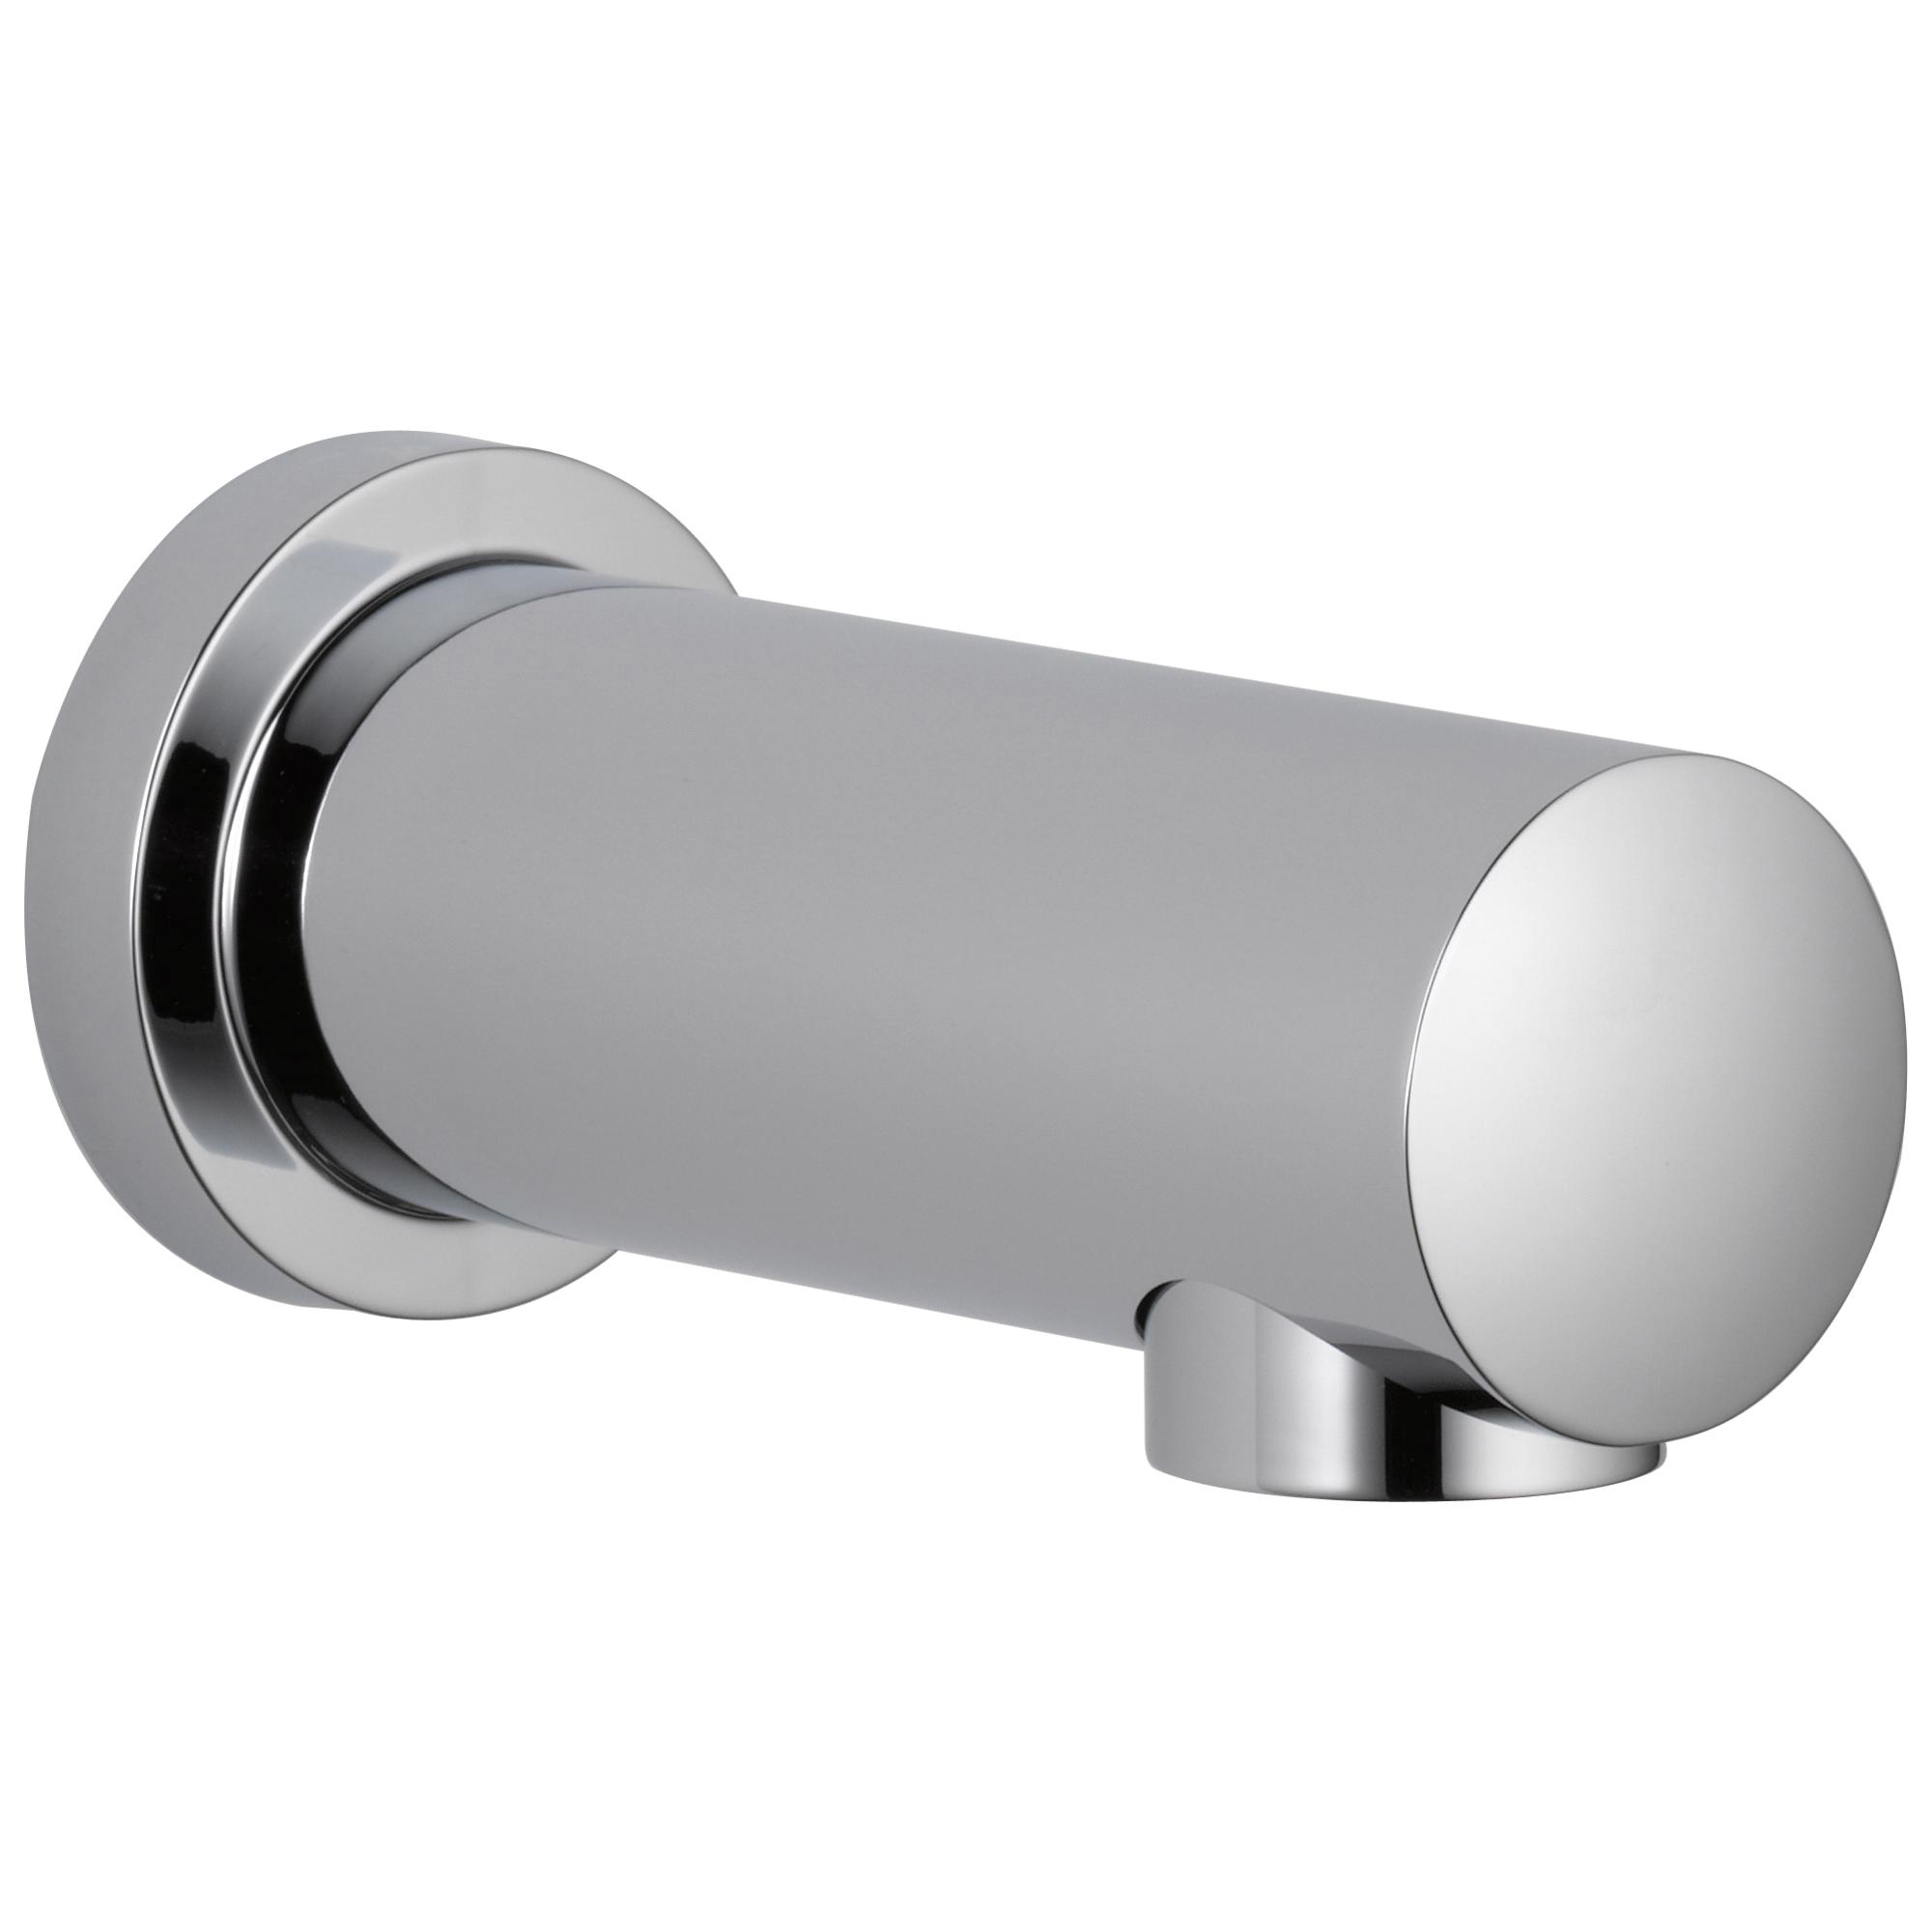 Brizo® RP54873PC Quiessence® Non-Diverter Tub Spout, Polished Chrome, Import